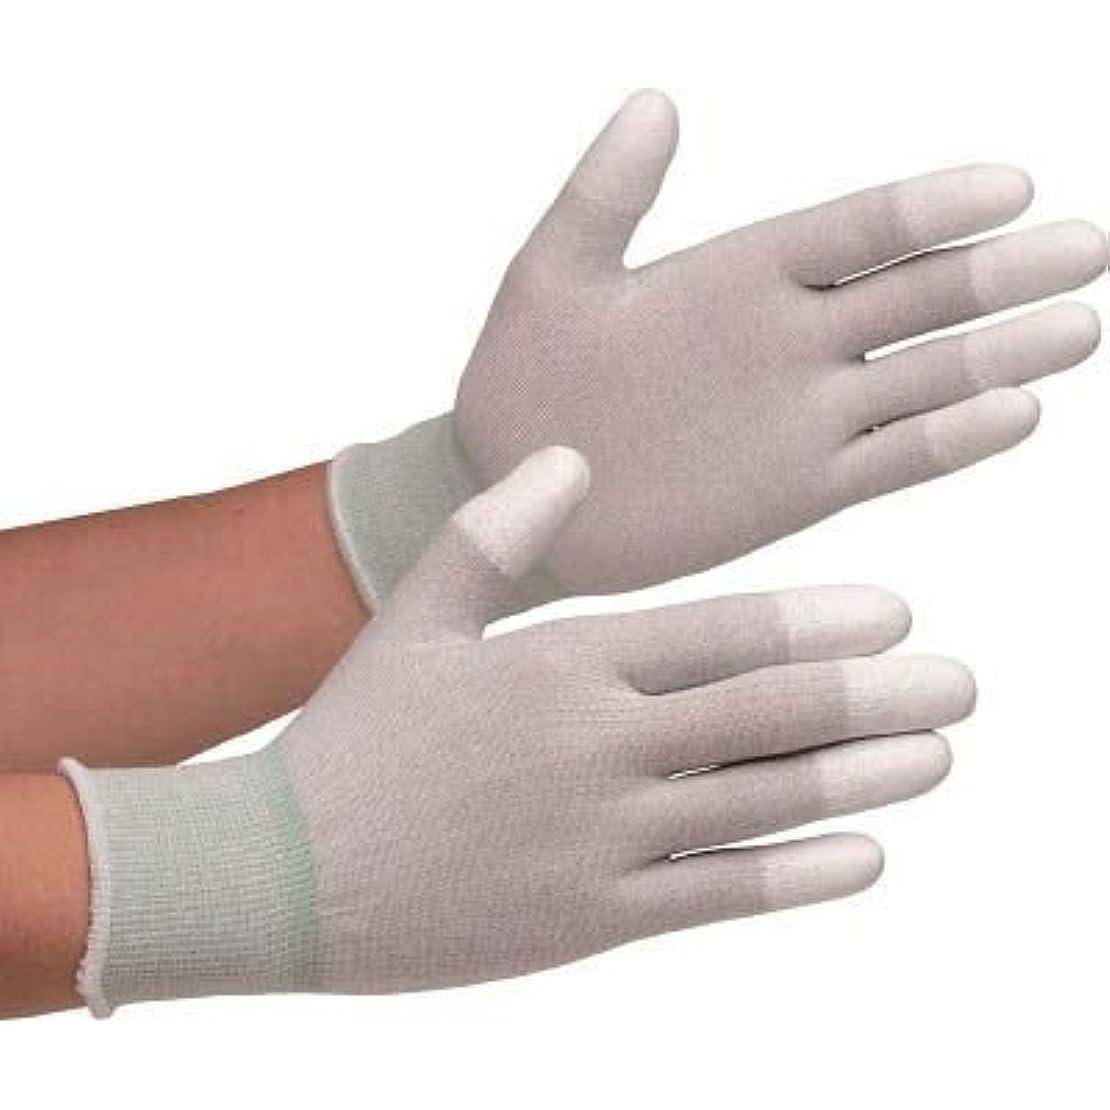 カトリック教徒不誠実確率ミドリ安全 静電気拡散性手袋(指先コート)S 10双入 MCG801S-7186 【4169905】